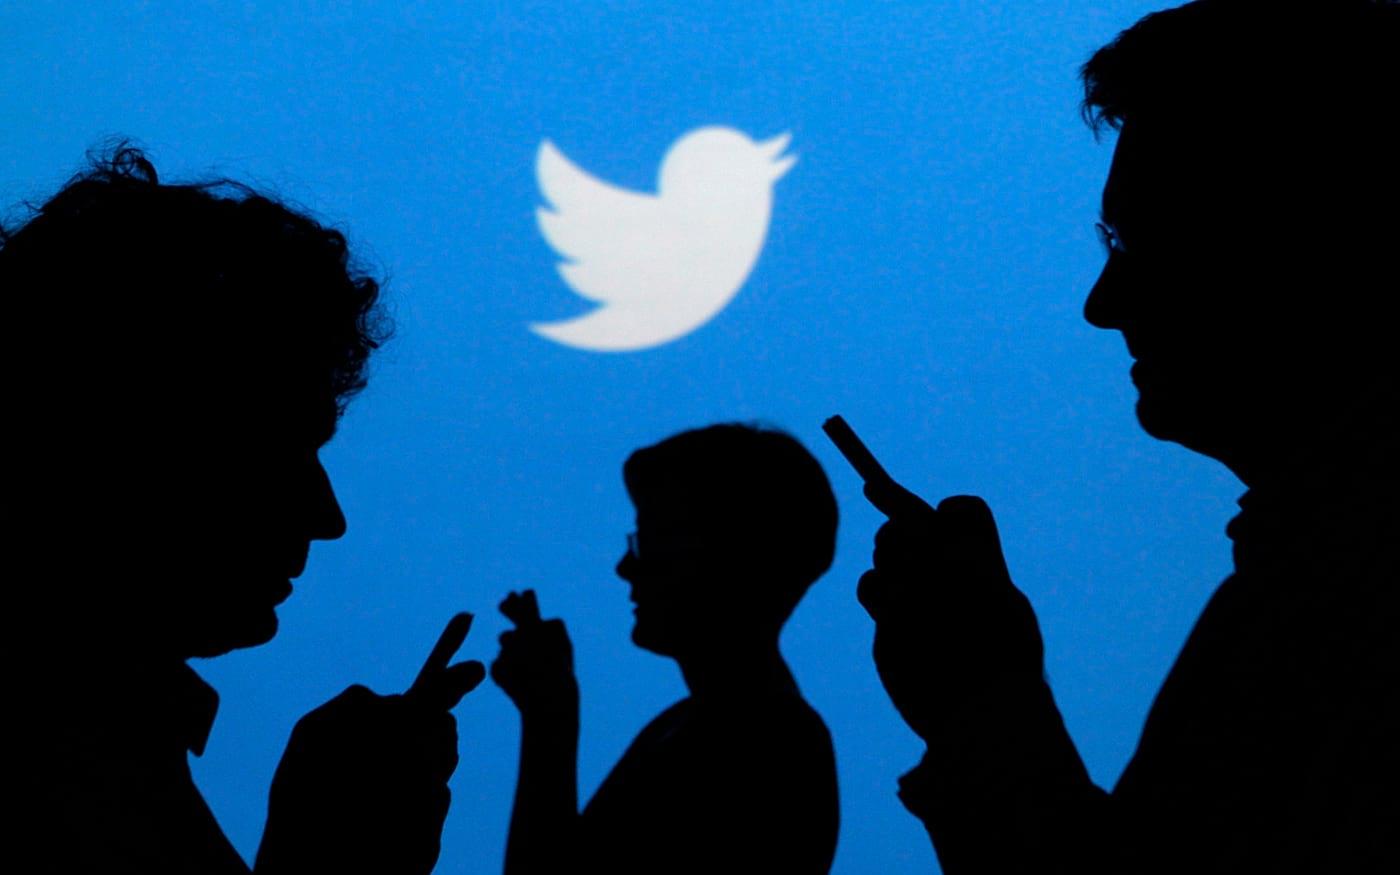 Twitter falha e deixa passar anúncios com base em palavras